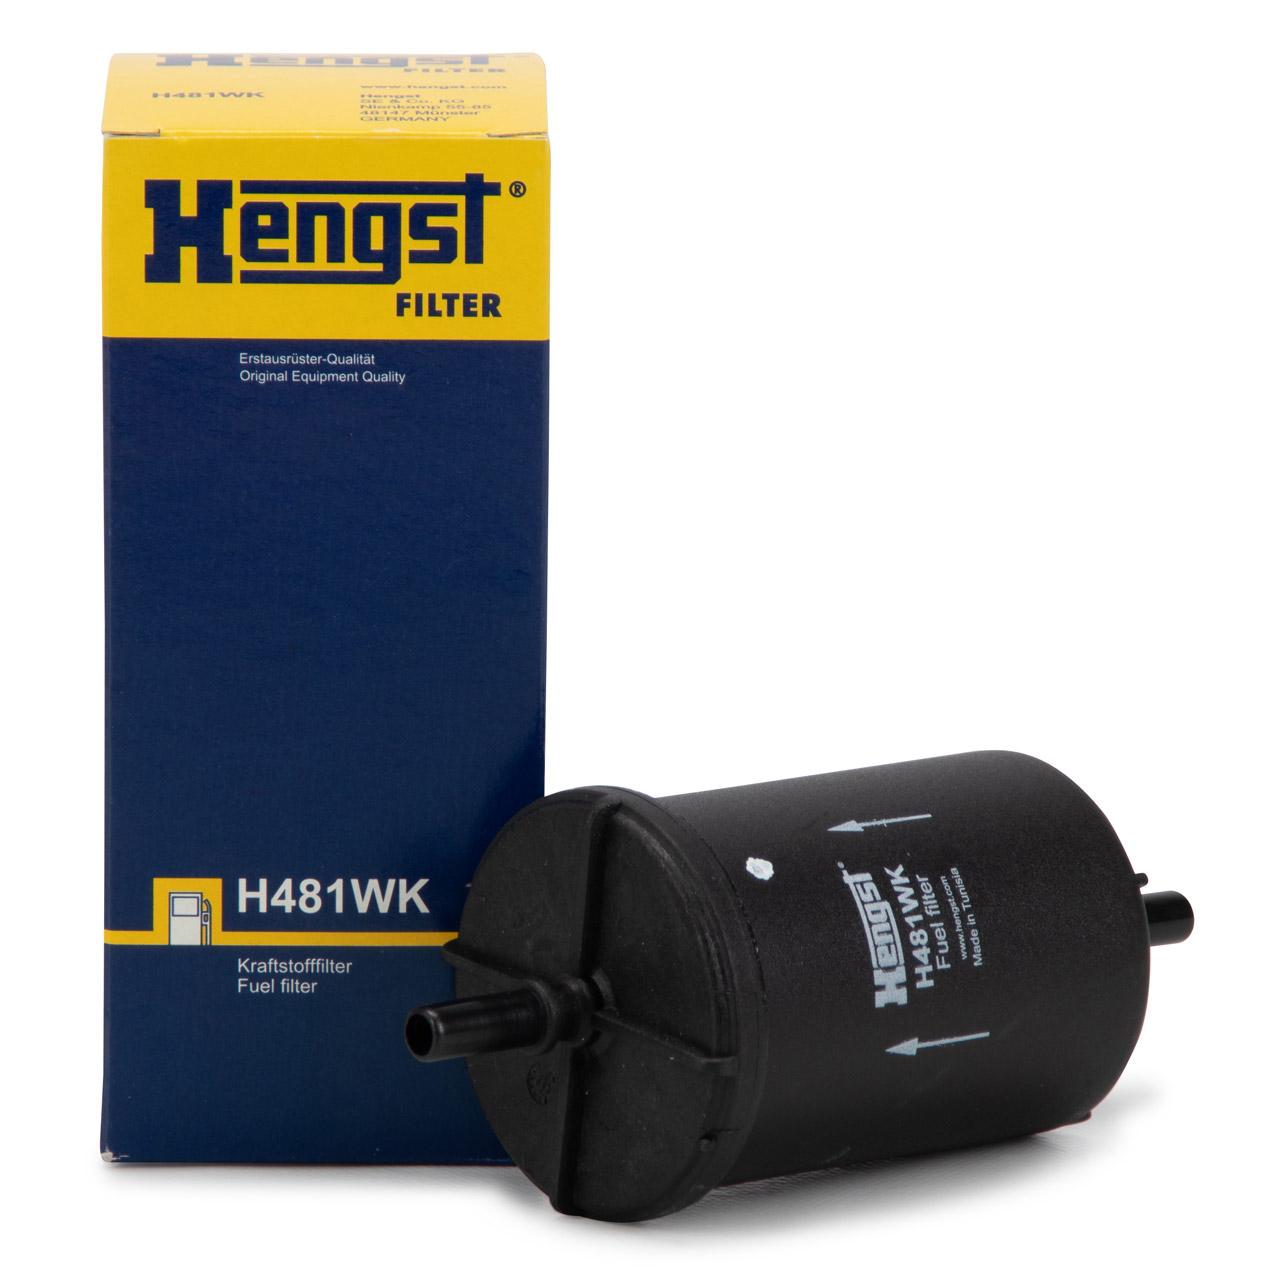 HENGST H481WK Kraftstofffilter für CITROEN DACIA NISSAN OPEL PEUGEOT RENAULT